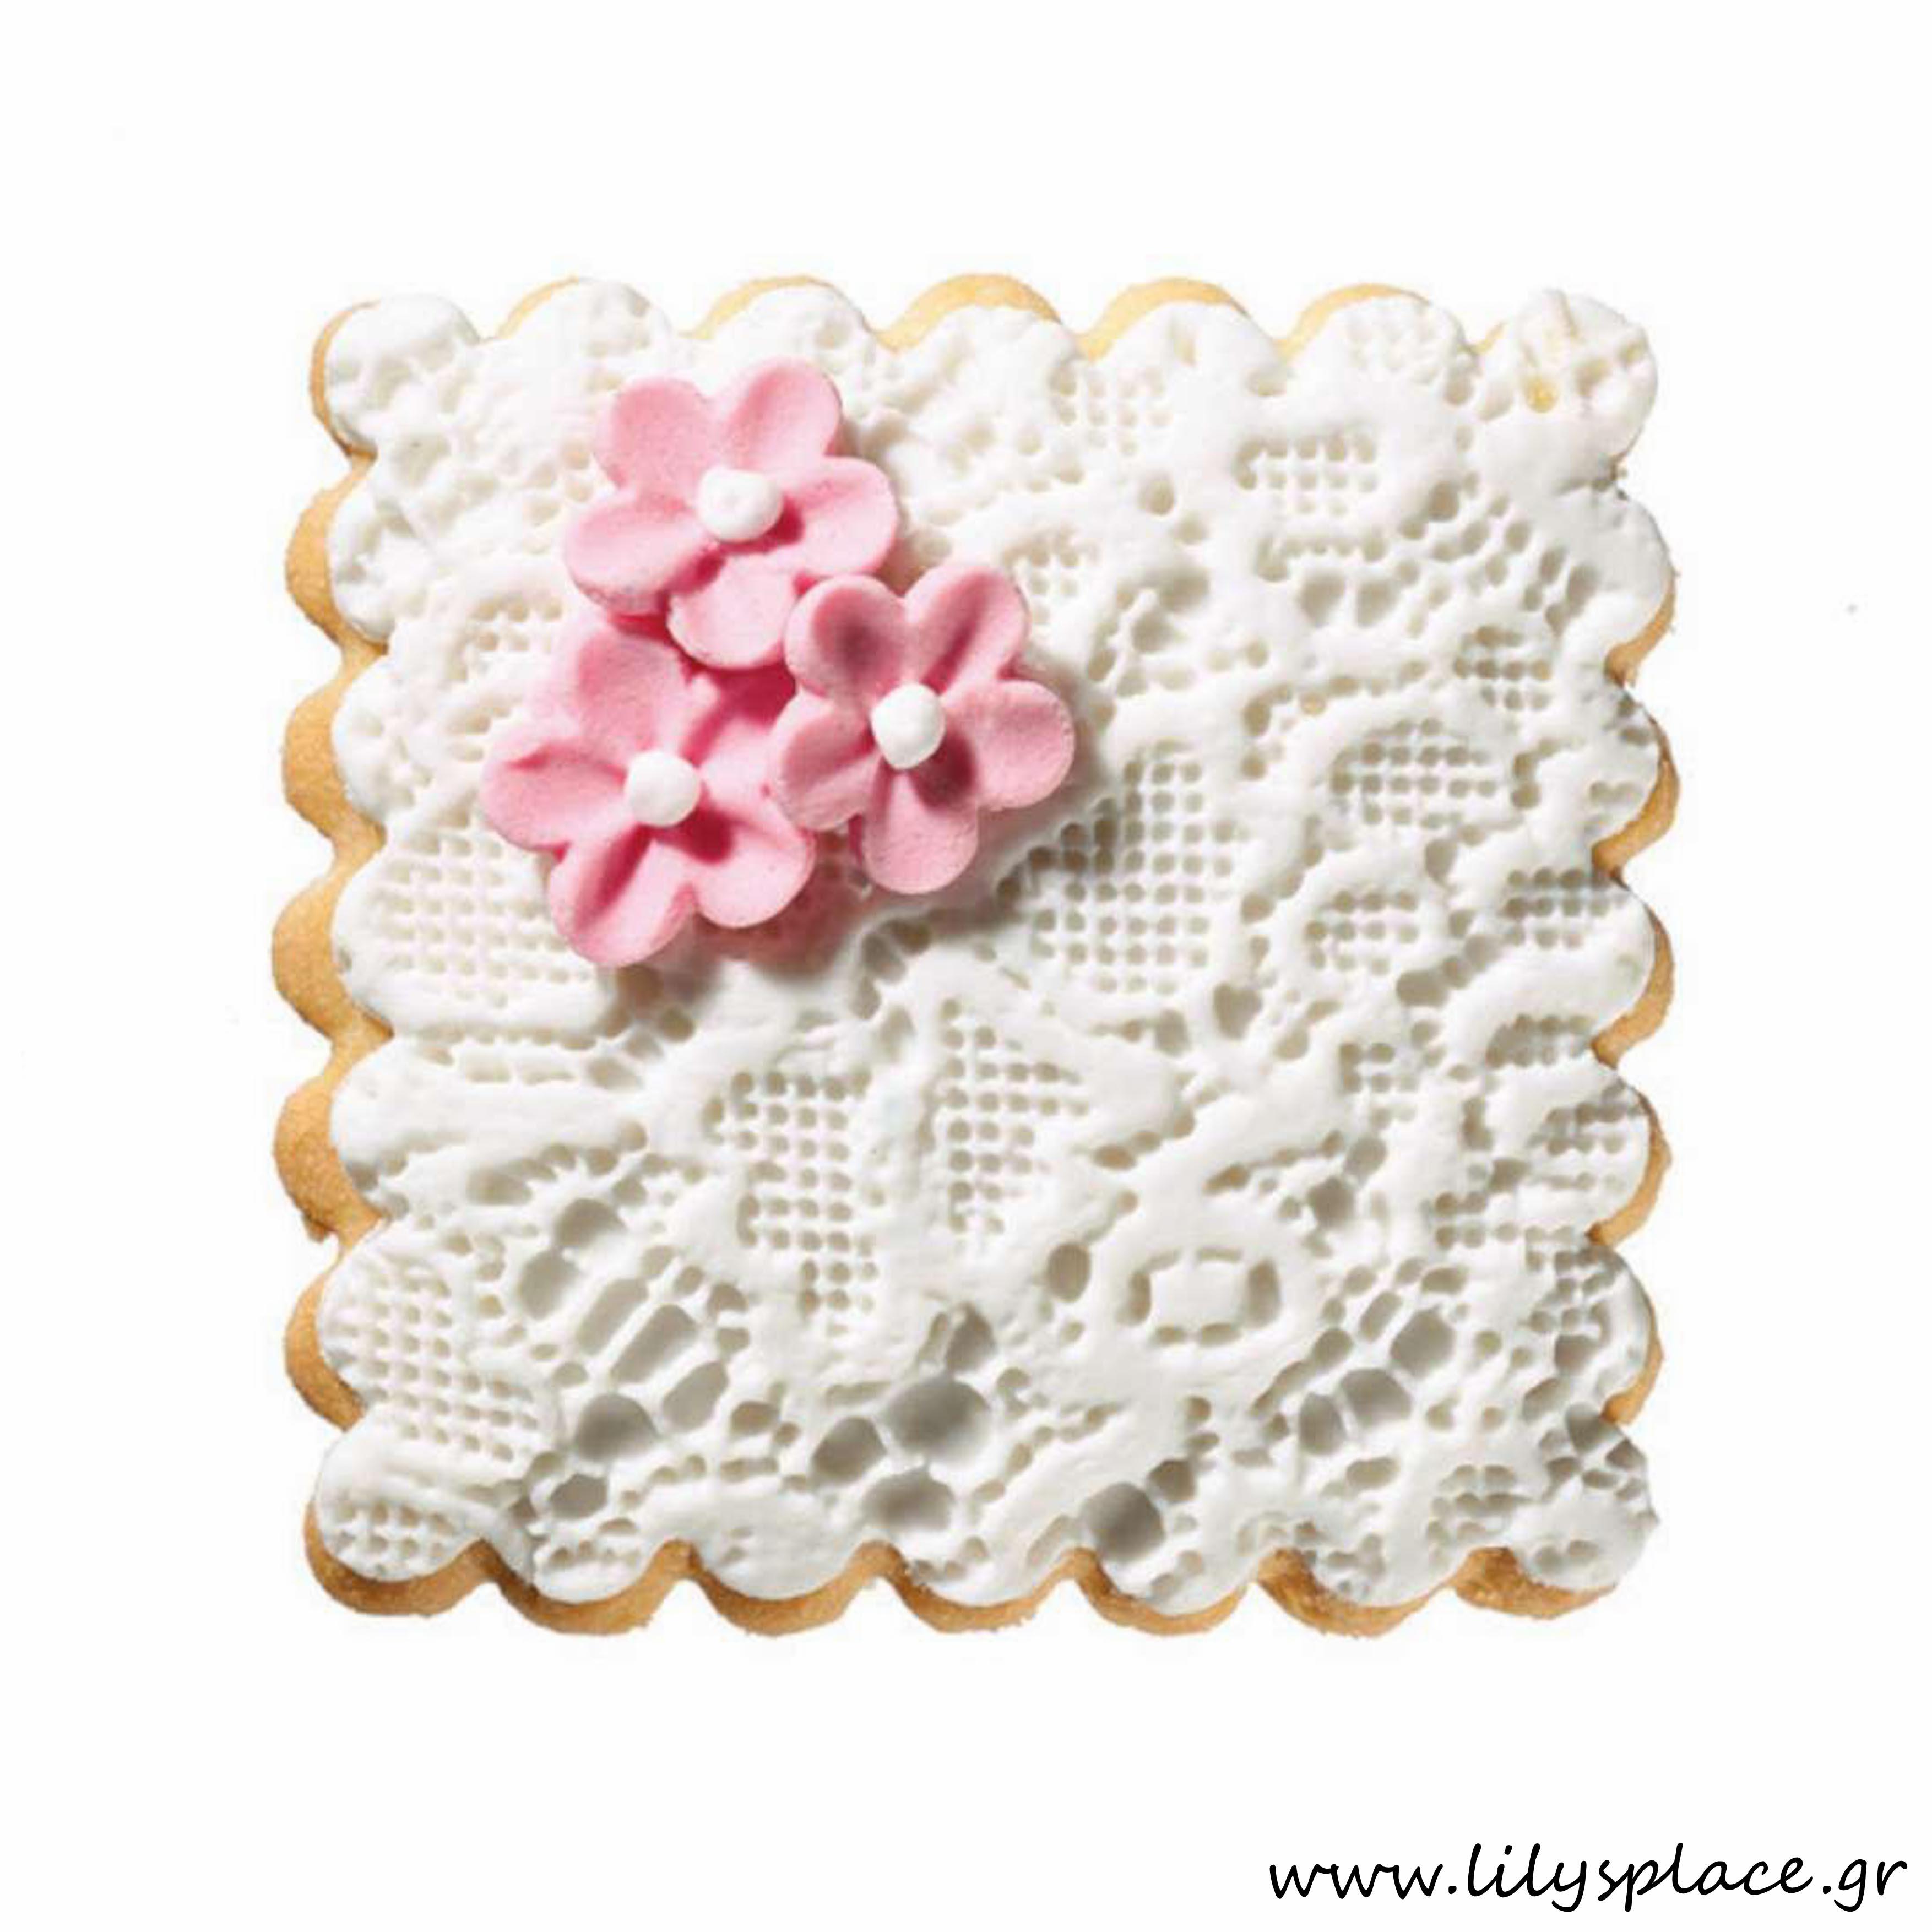 Μπισκότο γάμου με δαντέλα και λουλουδάκια